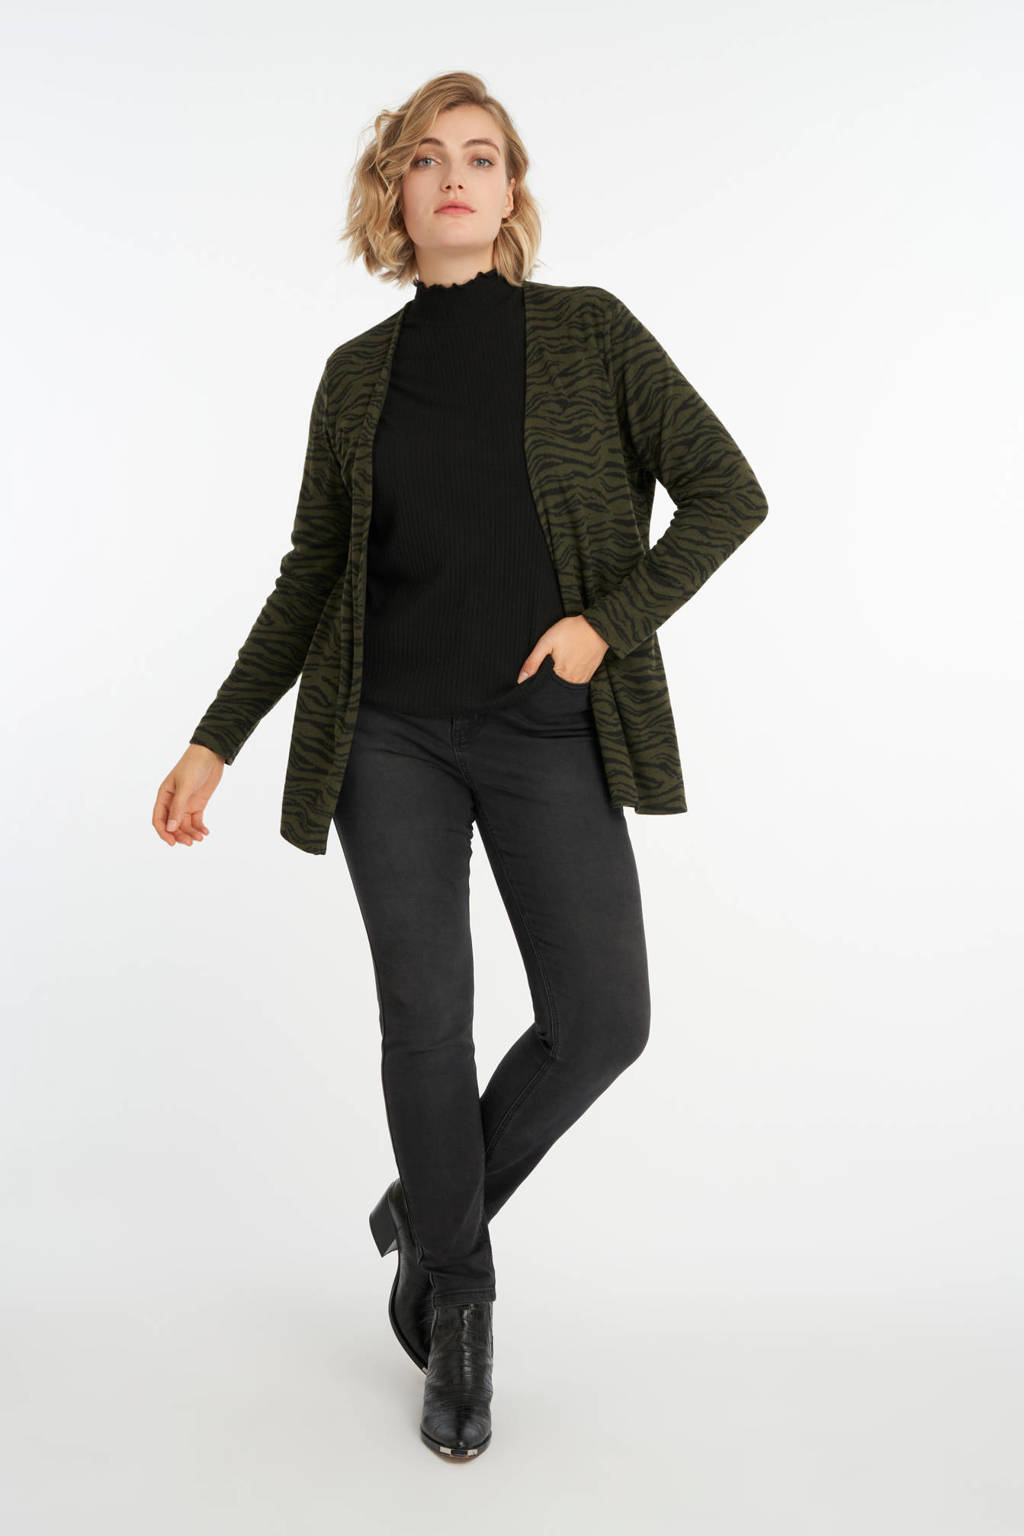 MS Mode vest met zebraprint donkergroen/zwart, Donkergroen/zwart